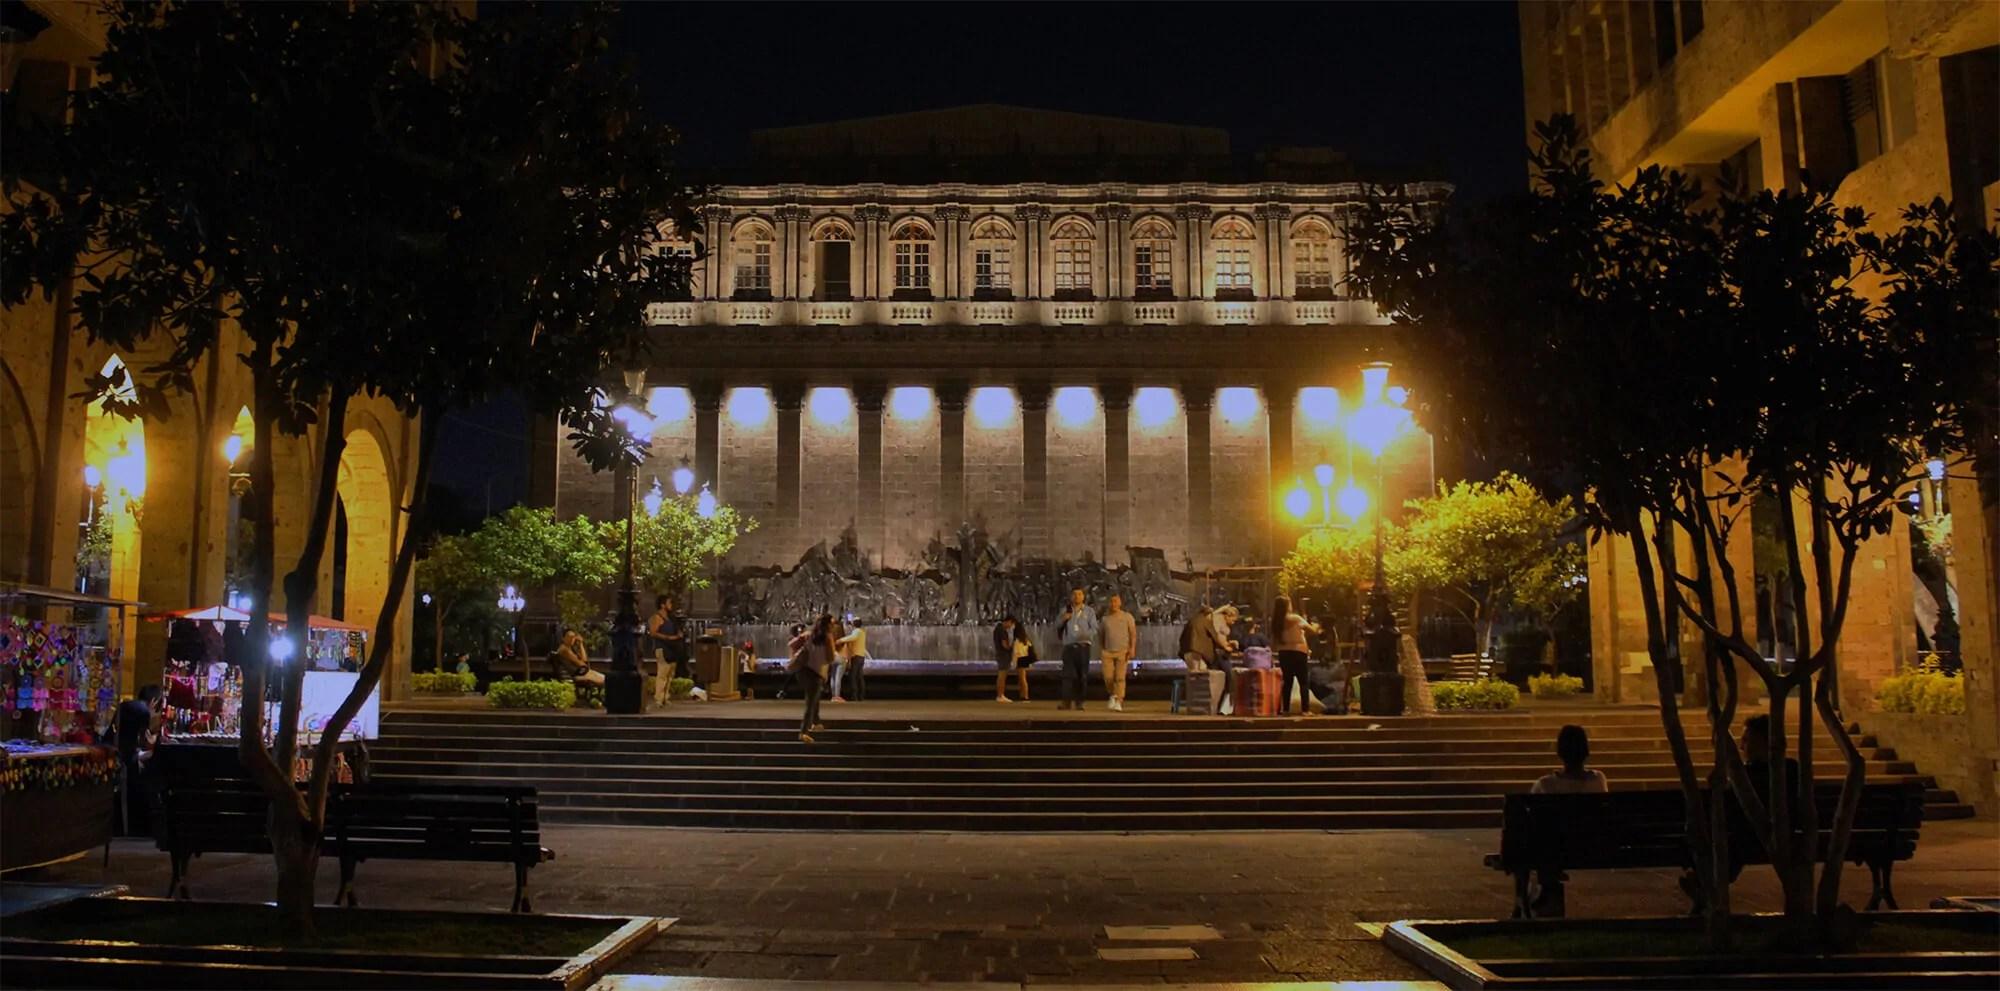 Fotógrafos de arquitectura mexicanos: Tips básicos e iluminación